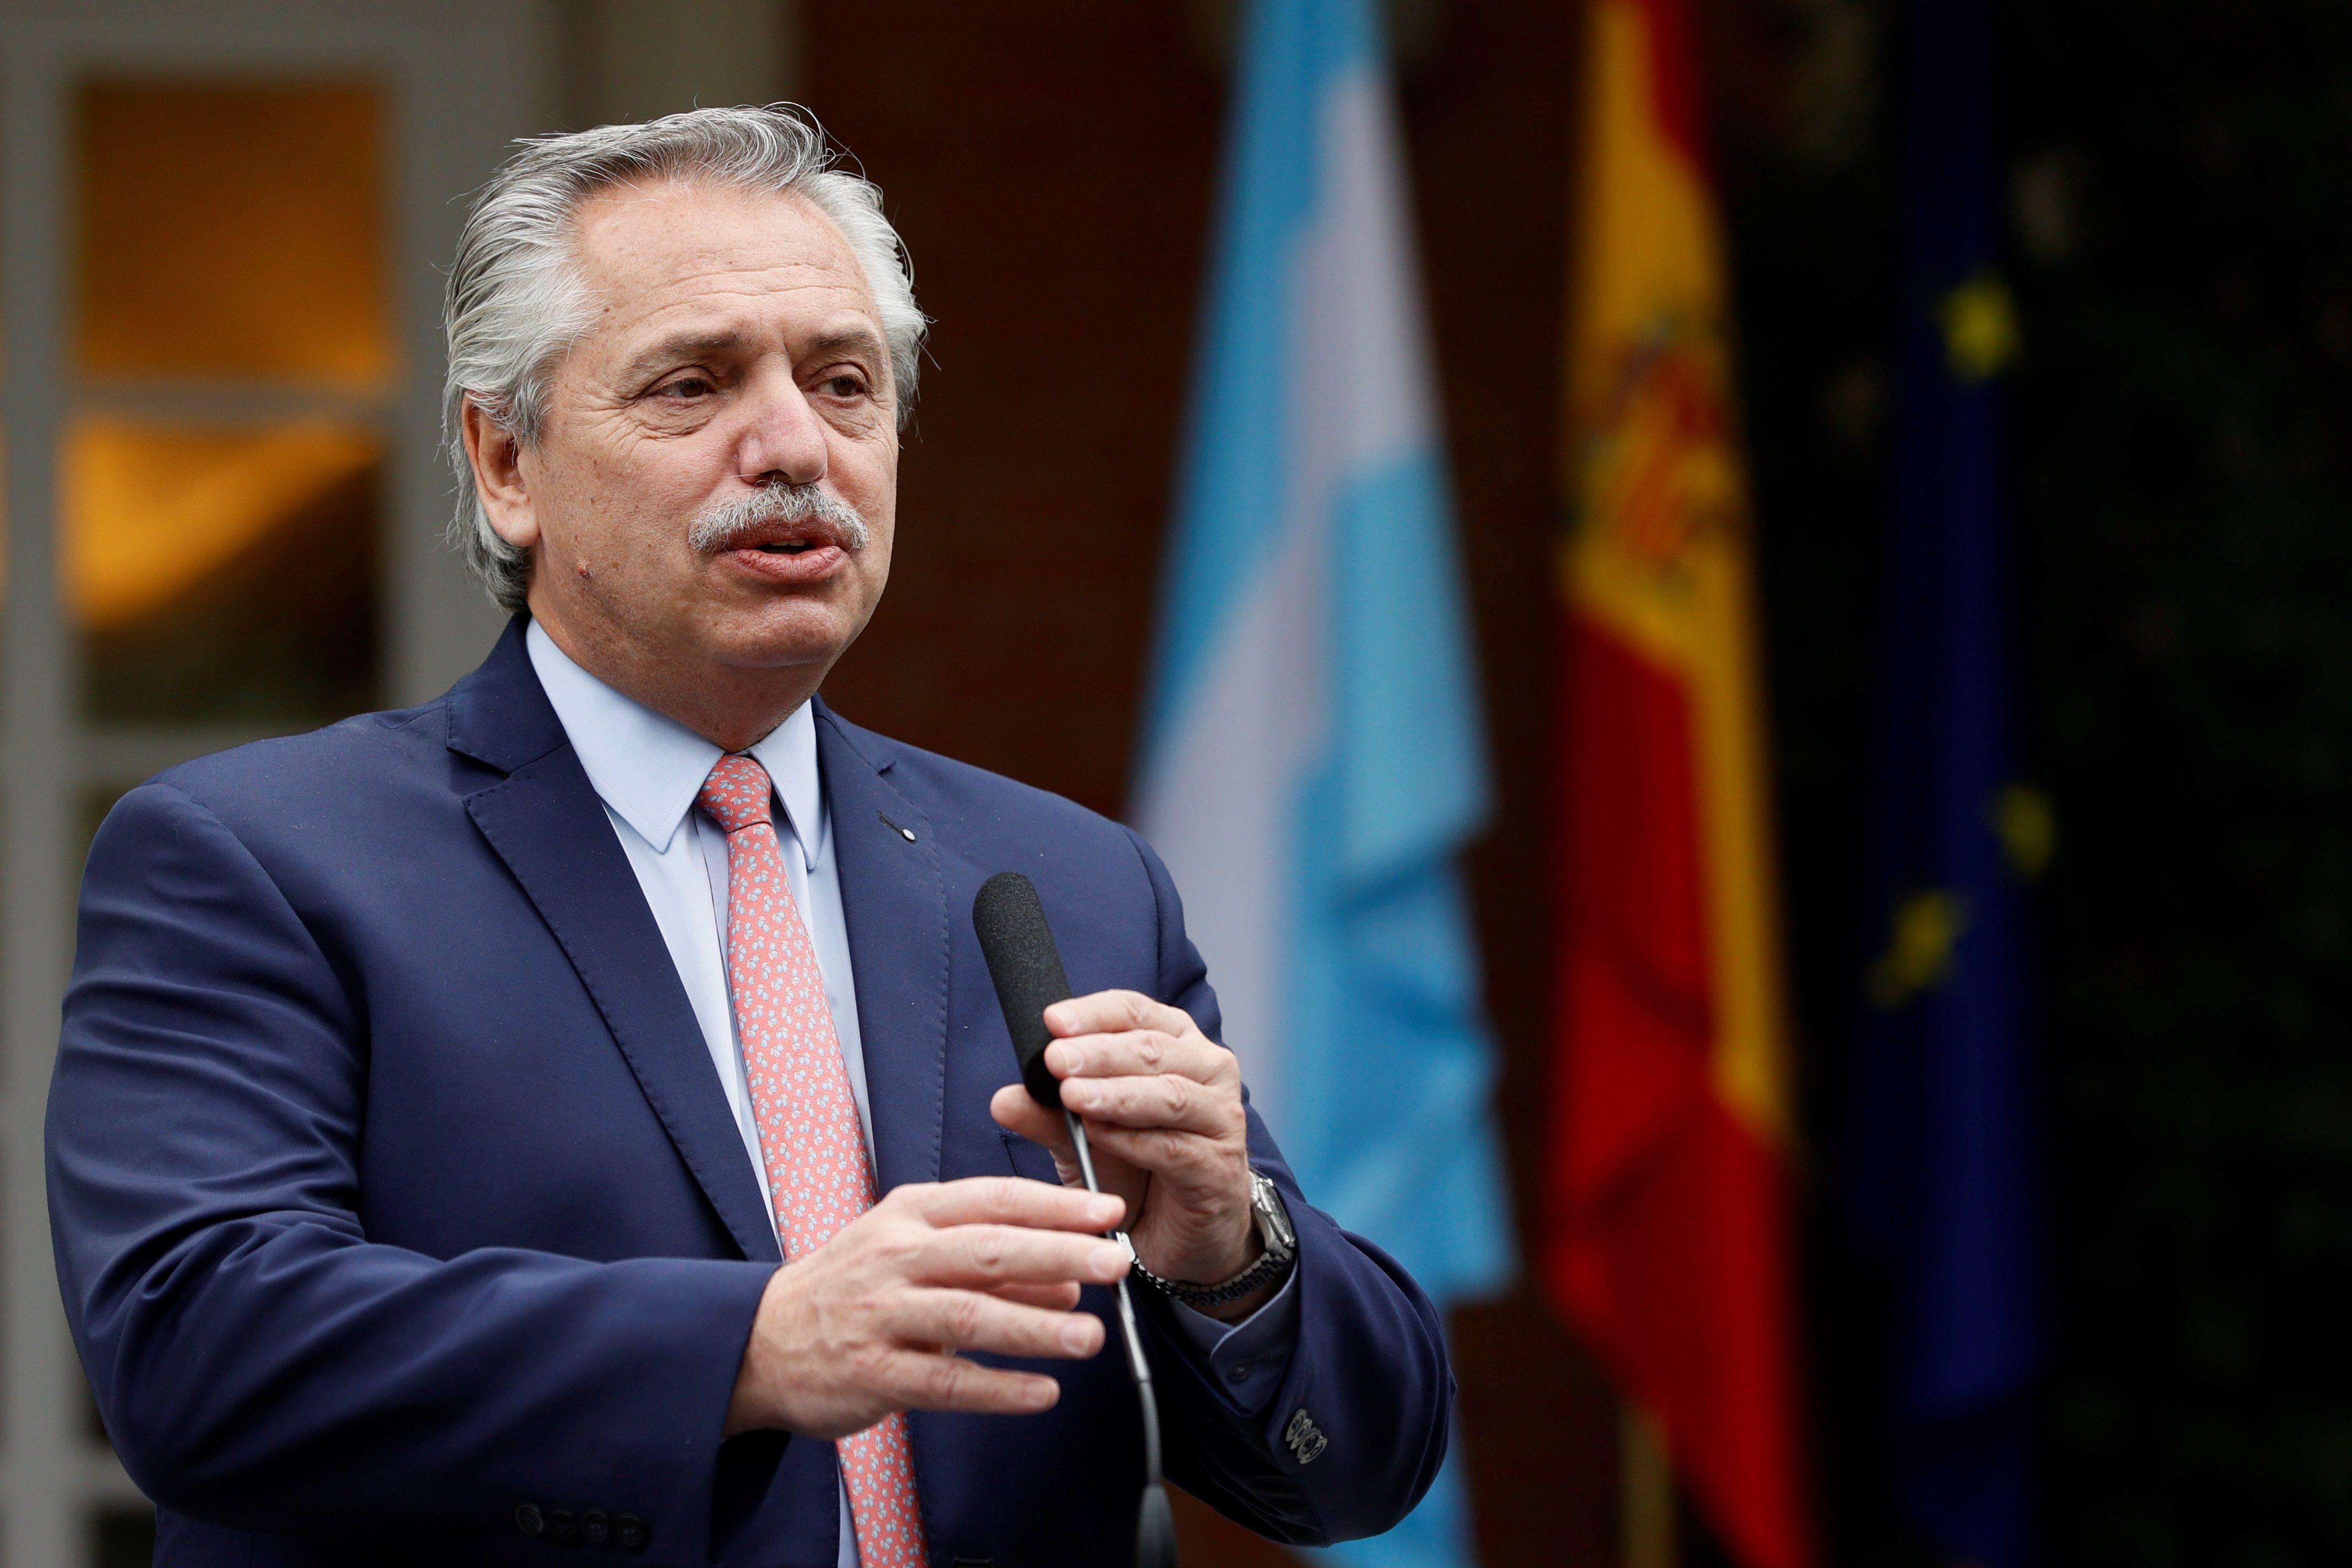 El presidente argentino, Alberto Fernández, enfrenta un nuevo conflicto con el campo. EFE/Ballesteros/Archivo